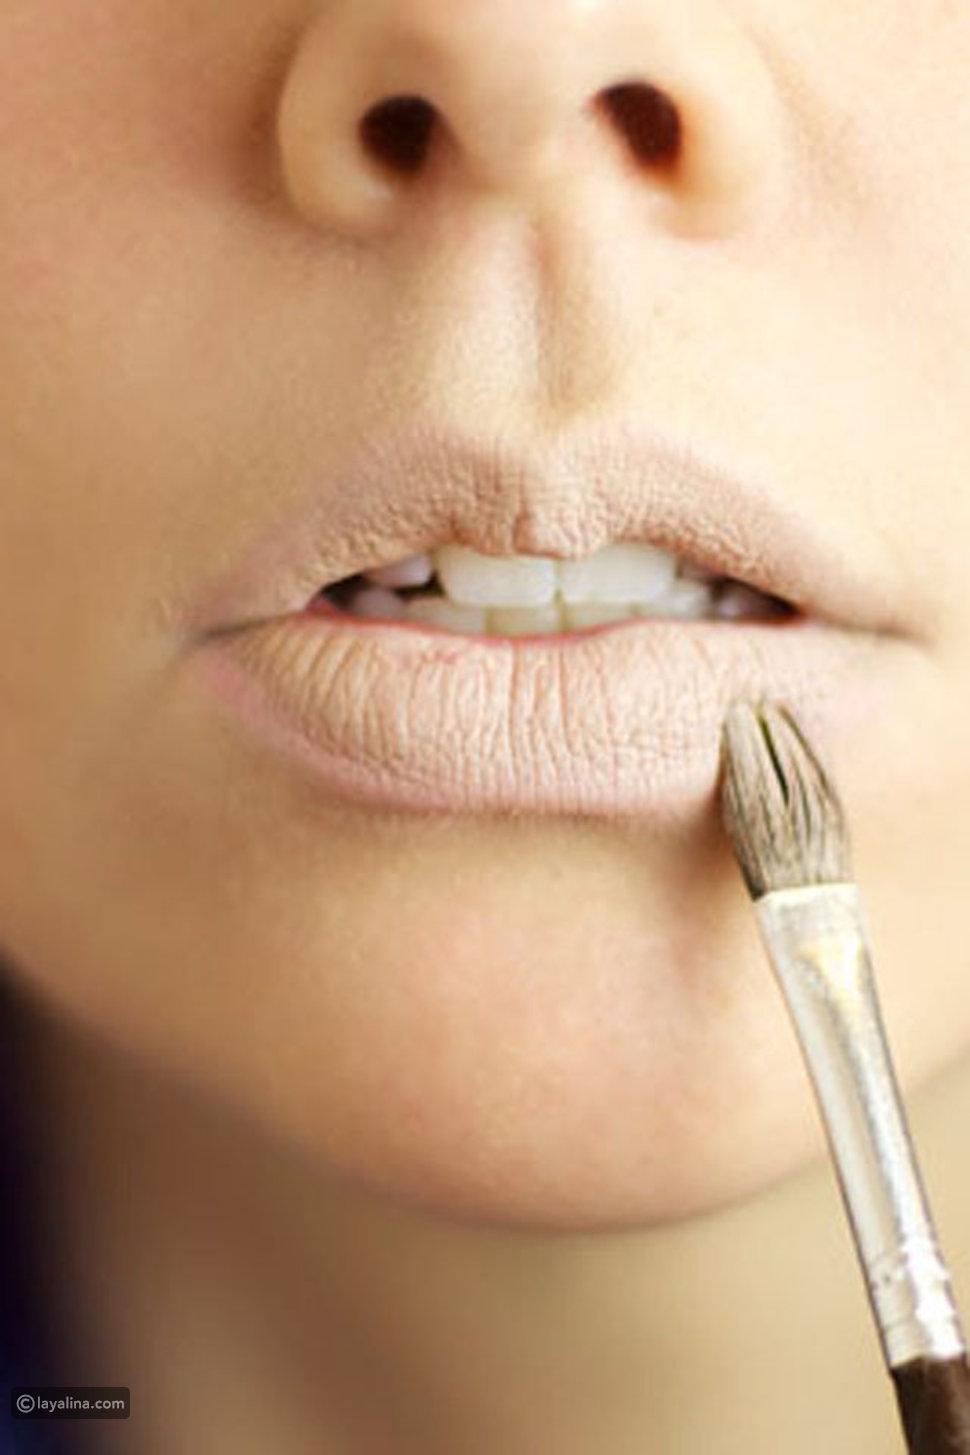 الحيل التي يلجأ لها خبراء التجميل لتصغير الشفاه بالمكياج